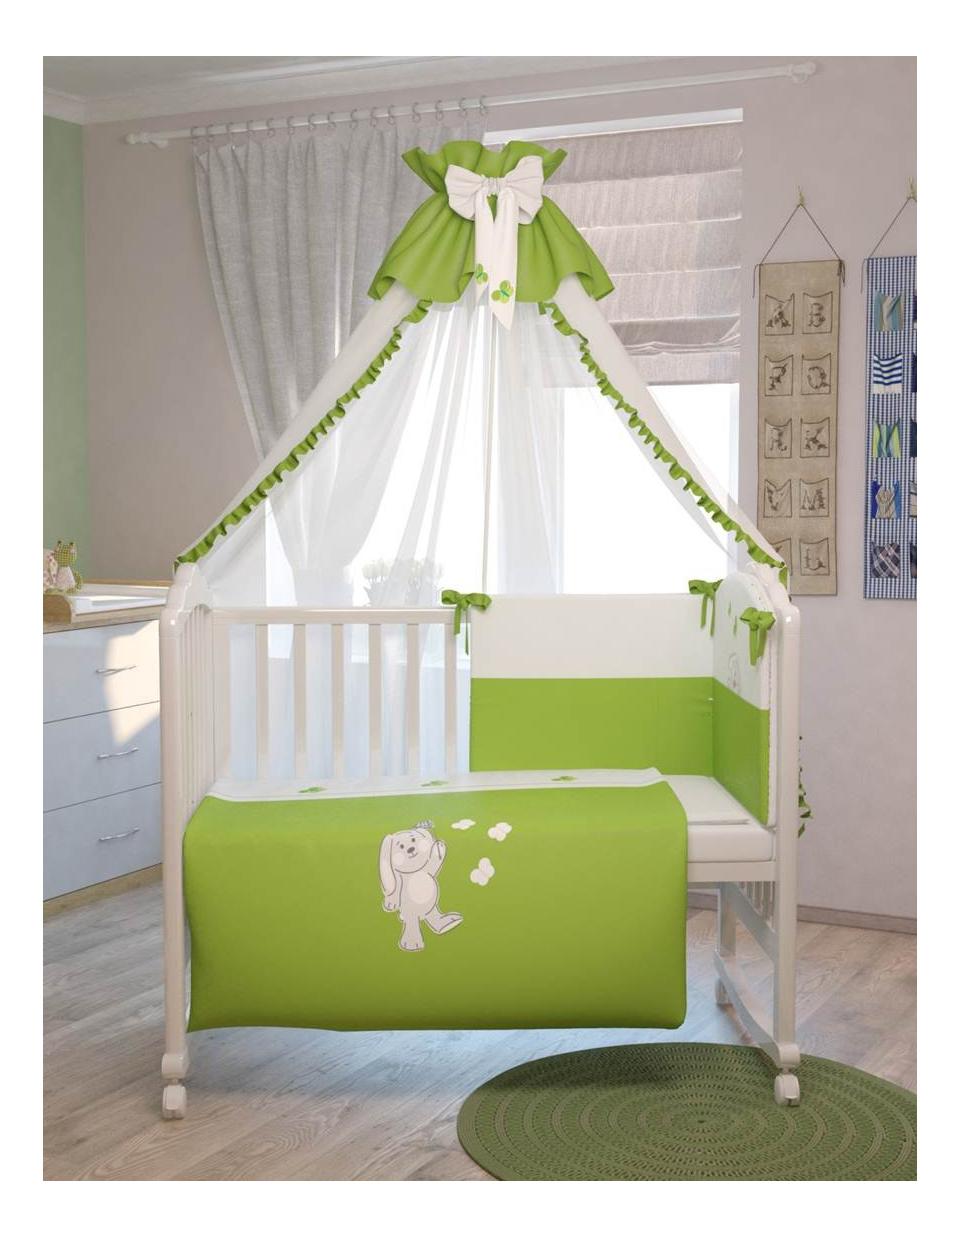 Комплект детского постельного белья Polini Зайки 120 х 60 зеленый Polini Зайки 120x60, зеленый